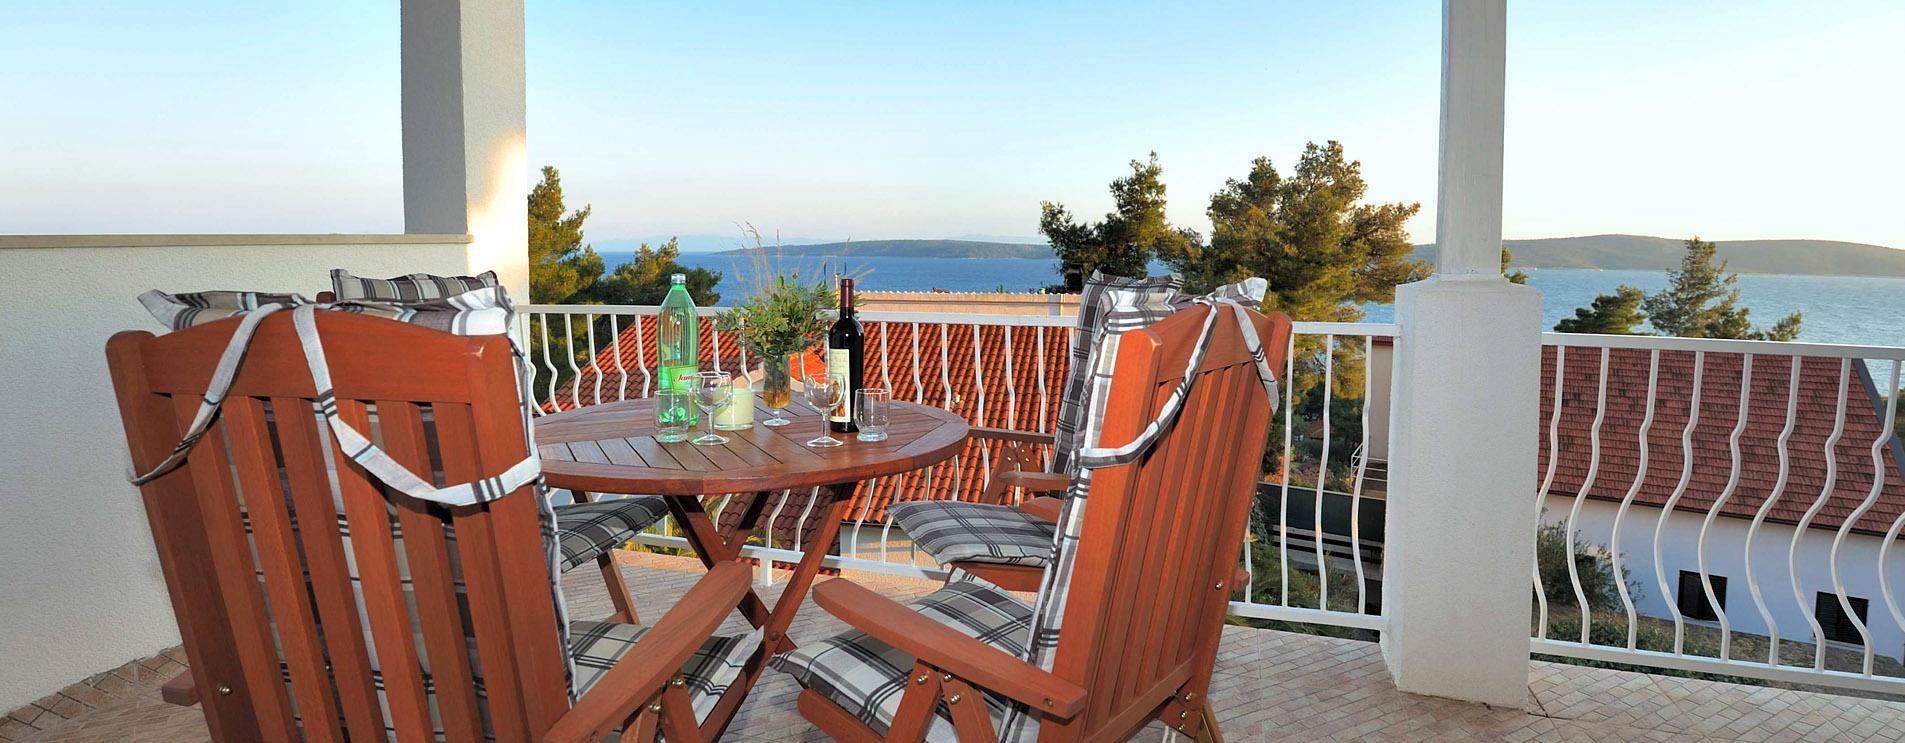 Geräumige Terrasse mit einem wunderschönen Blick aufs Meer